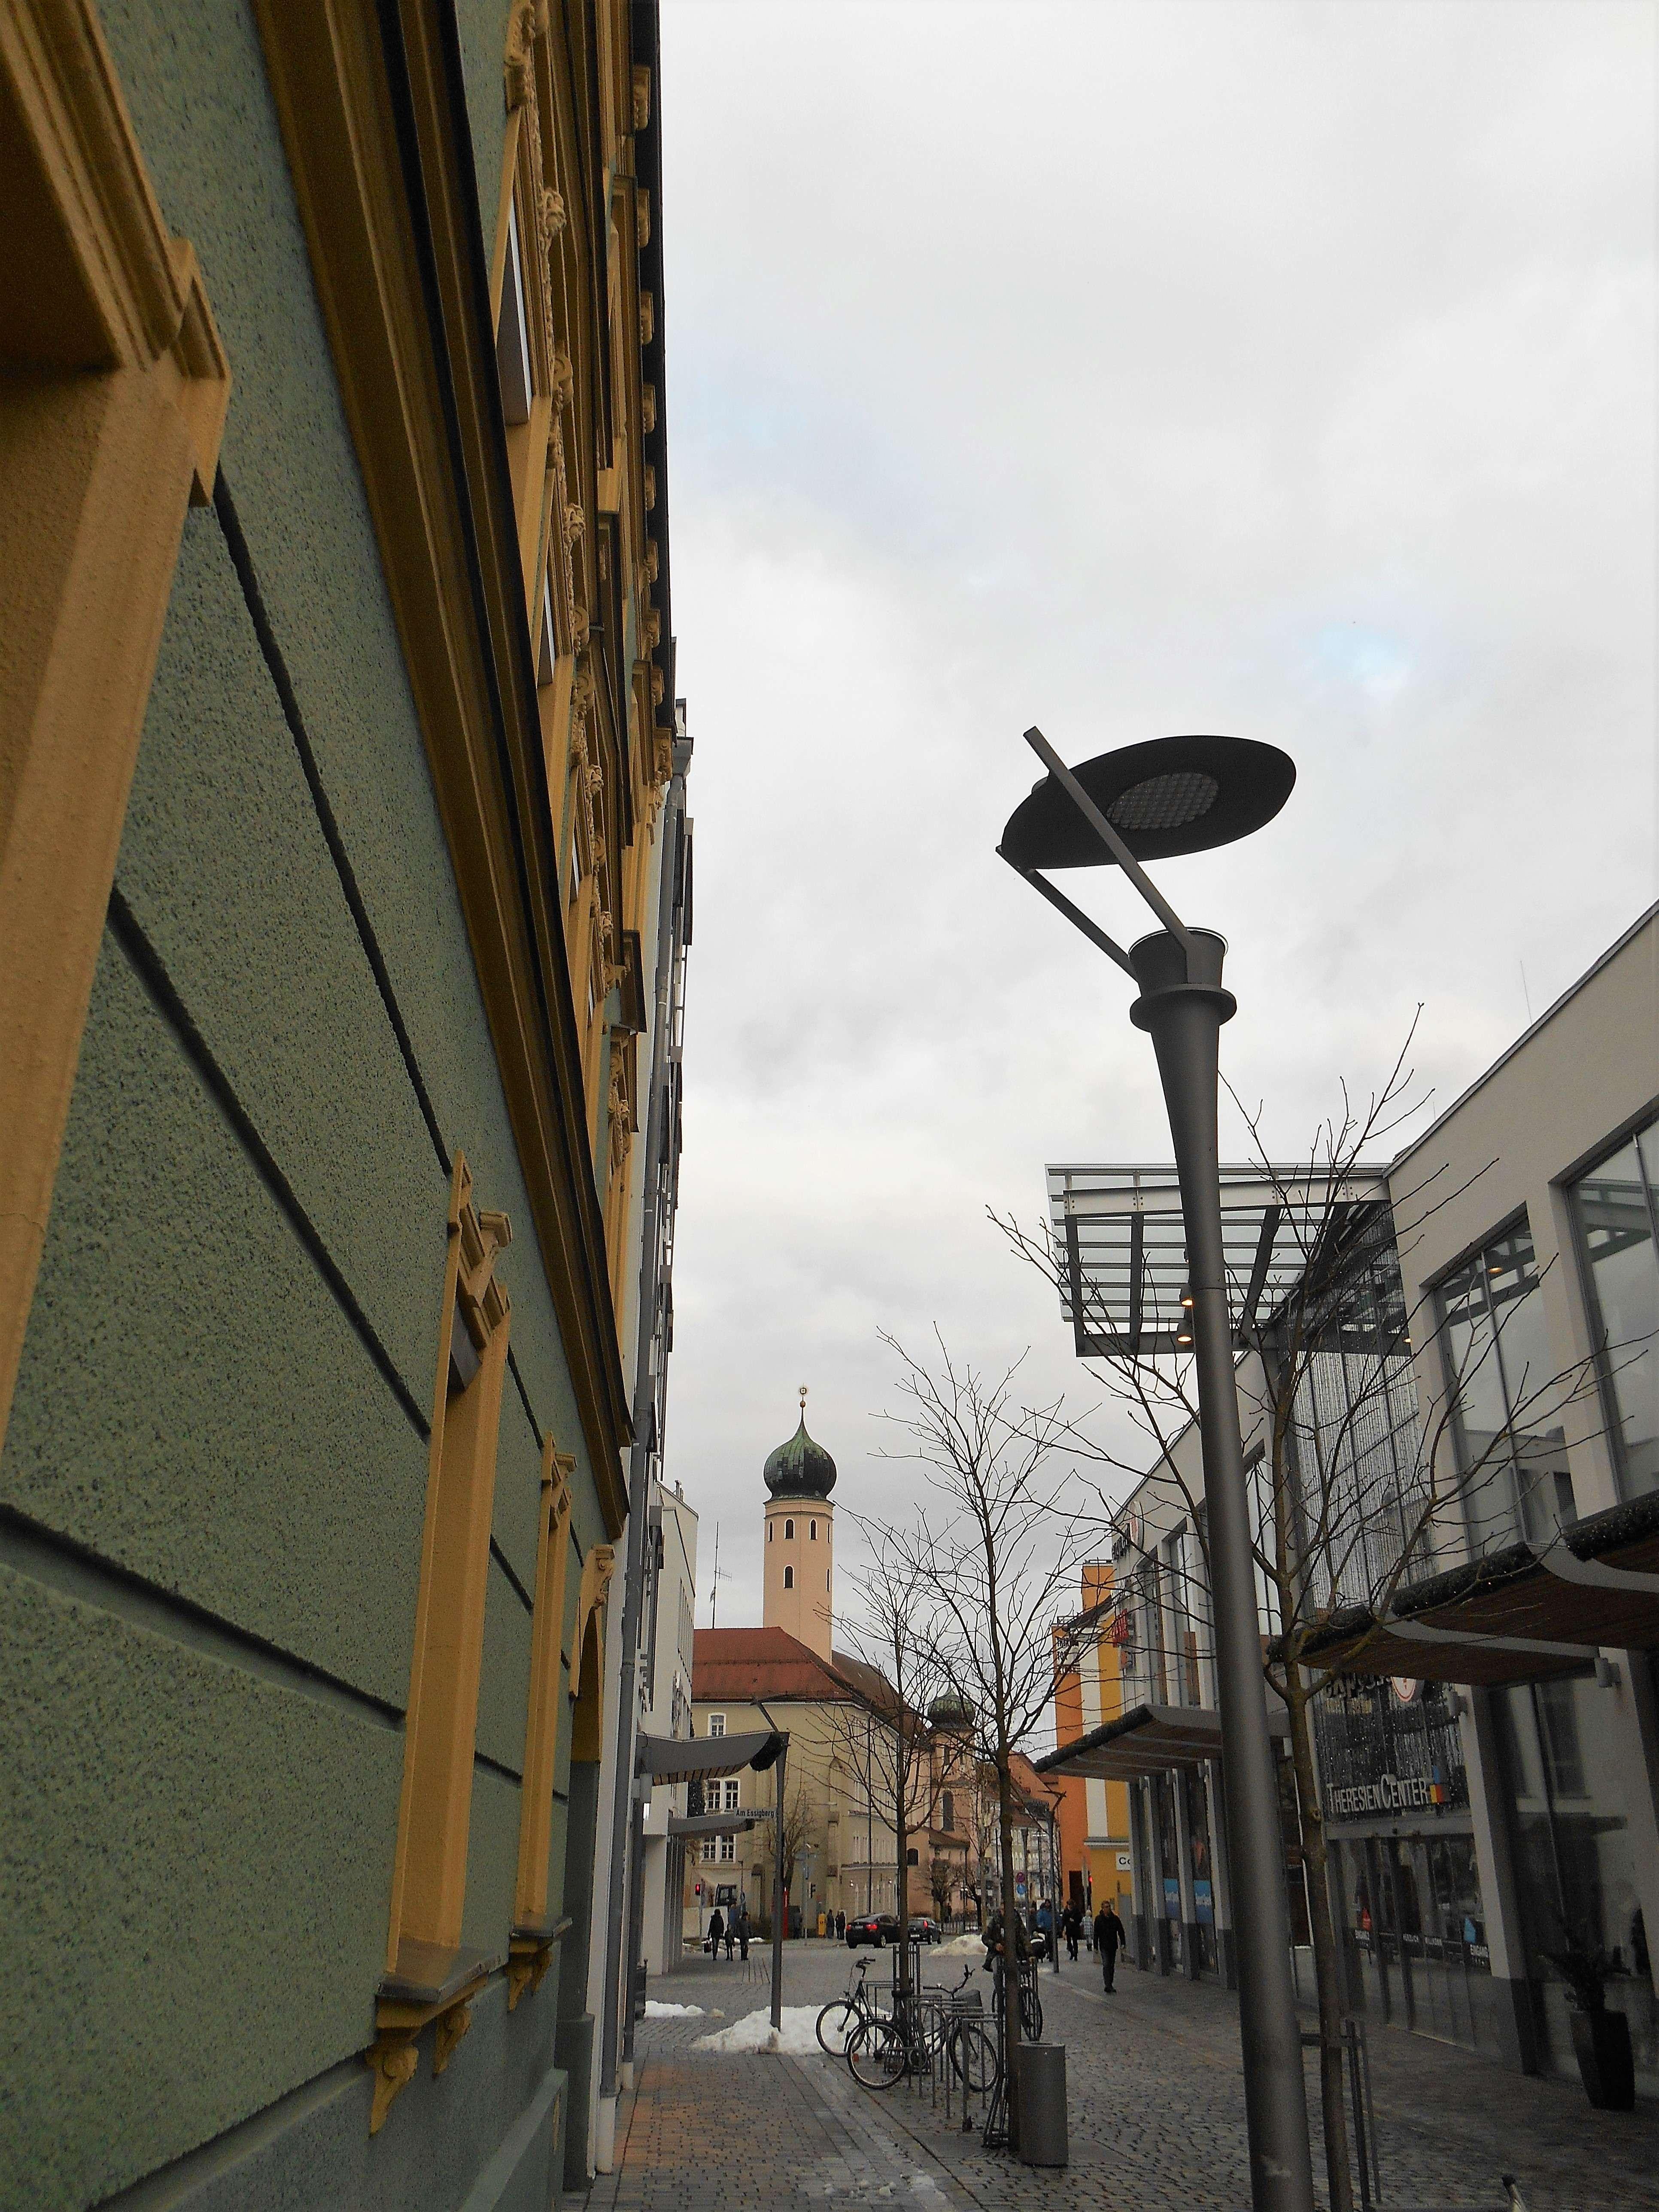 Im Herzen von Straubing - Attraktive 3-Zimmer-Wohnung in Innenstadtlage in Kernstadt (Straubing)